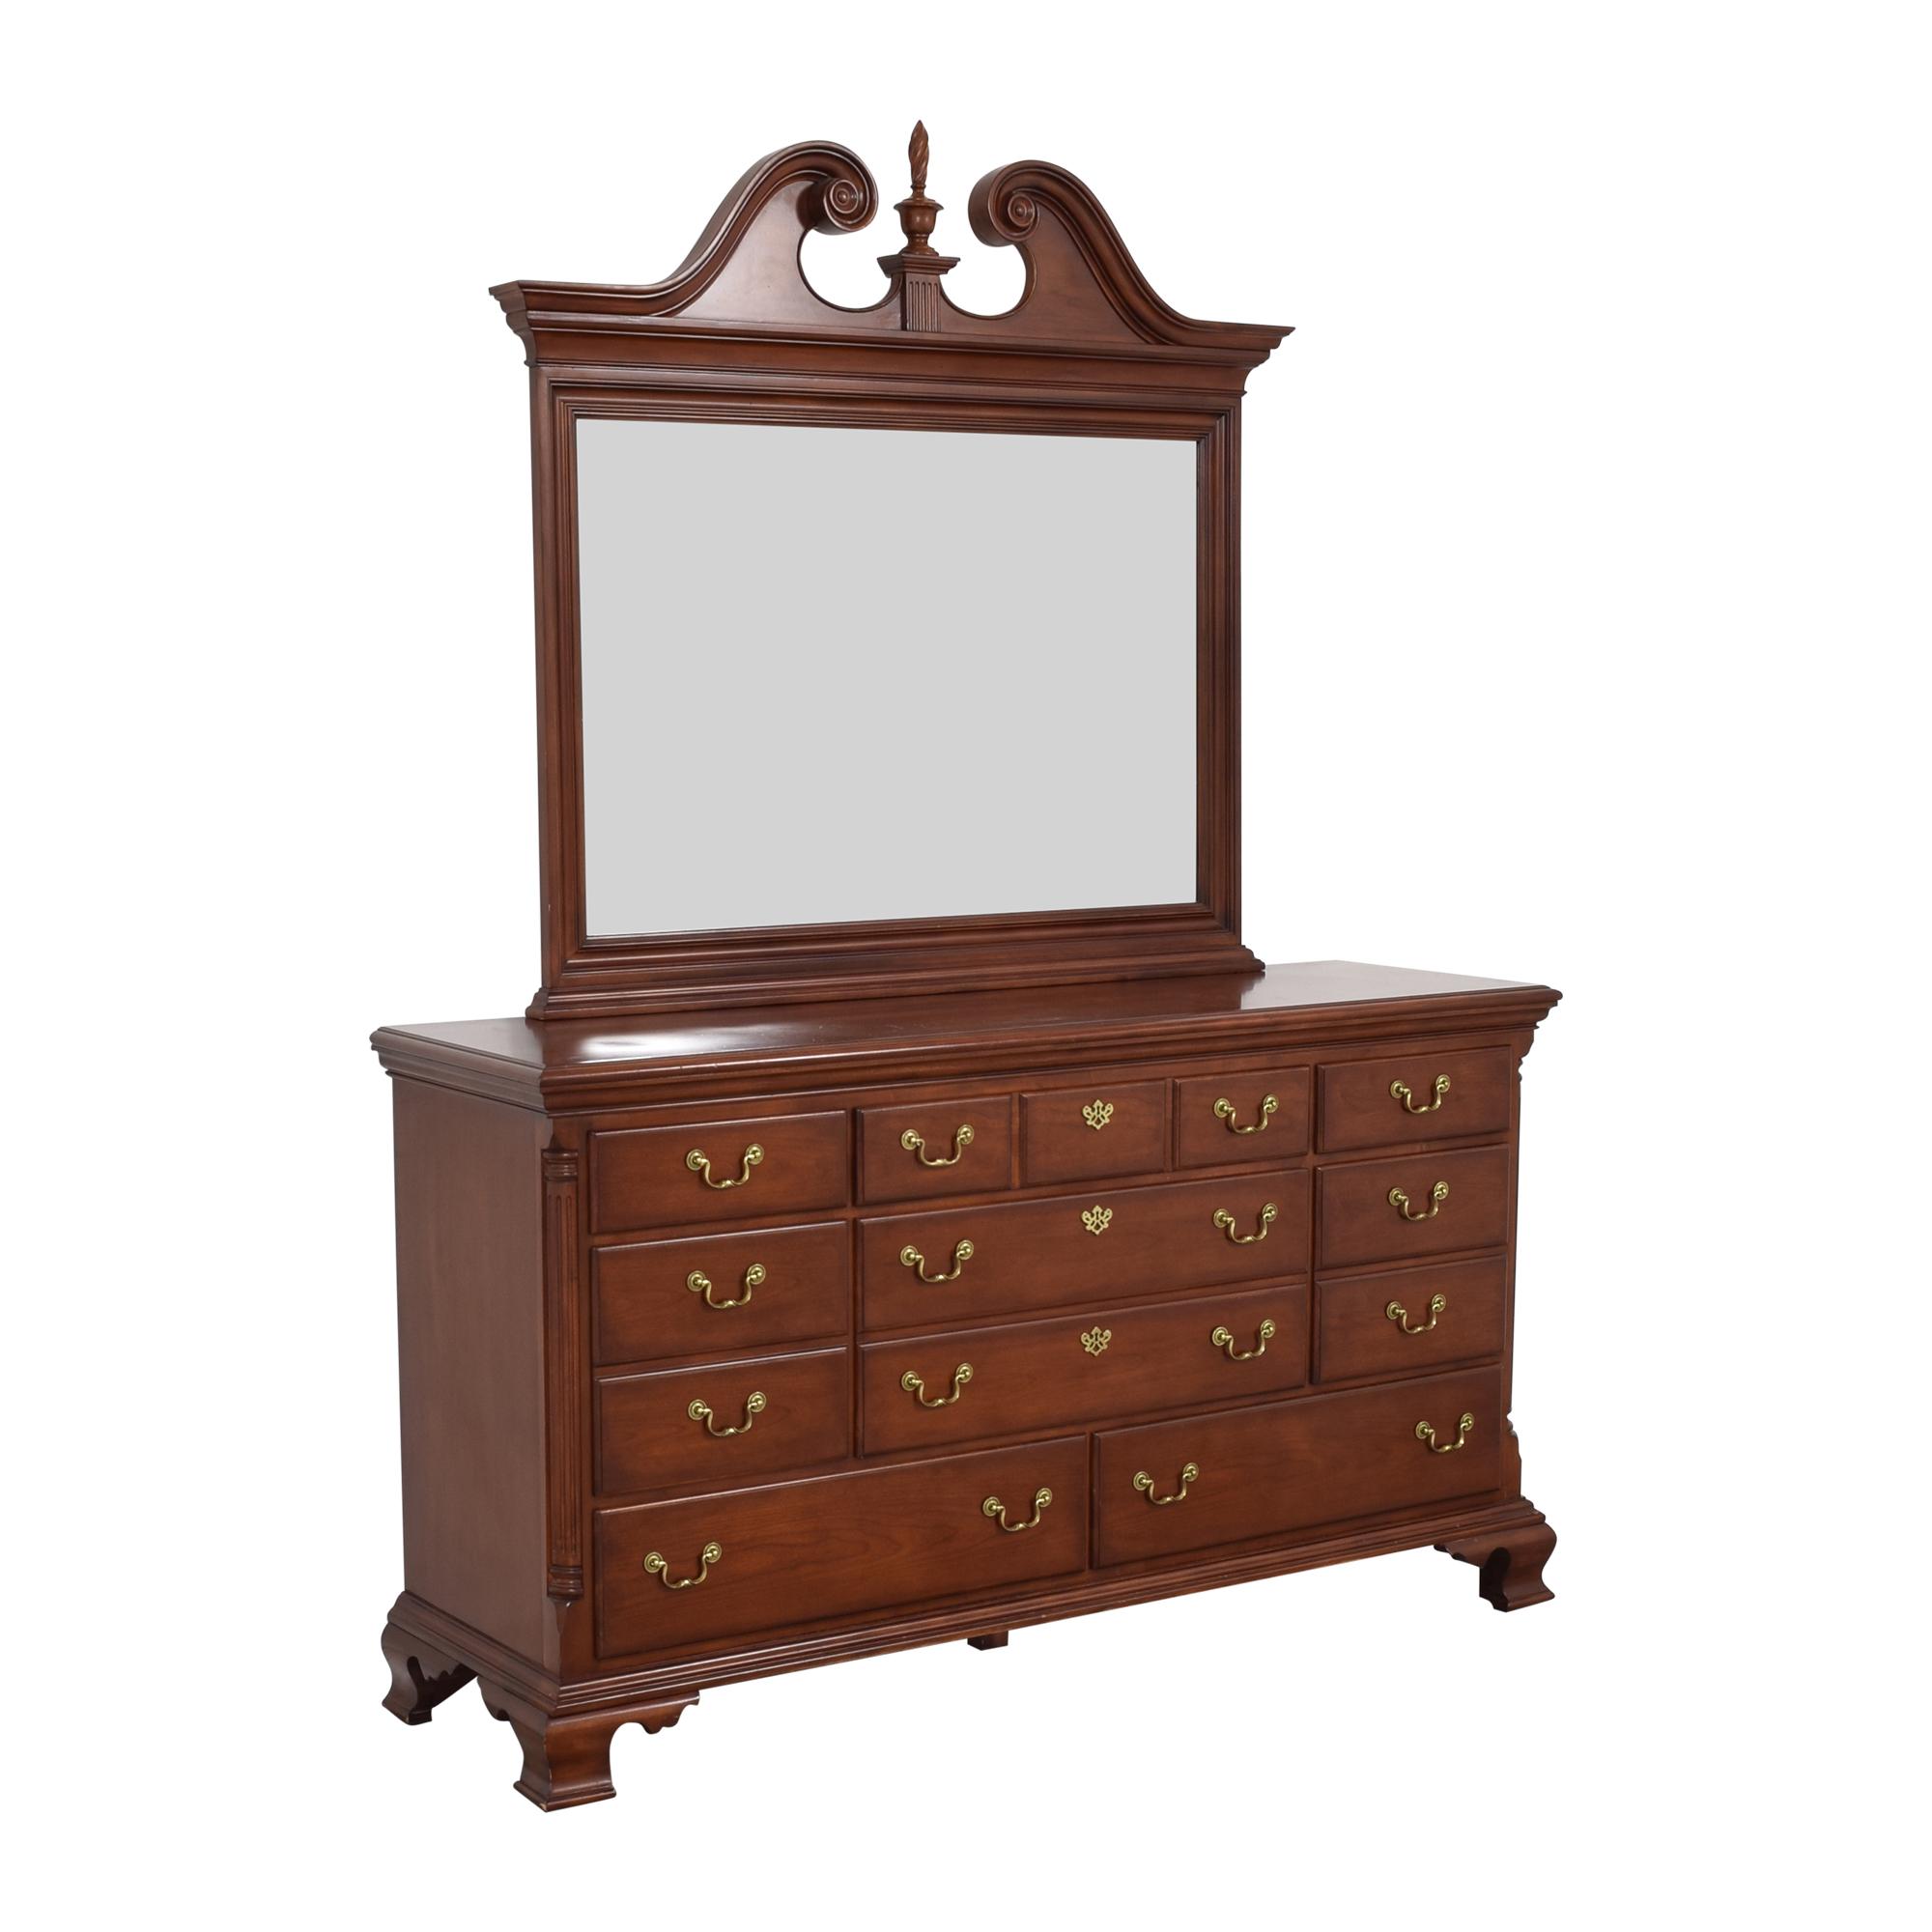 Thomasville Thomasville Eight Drawer Dresser with Mirror Dressers